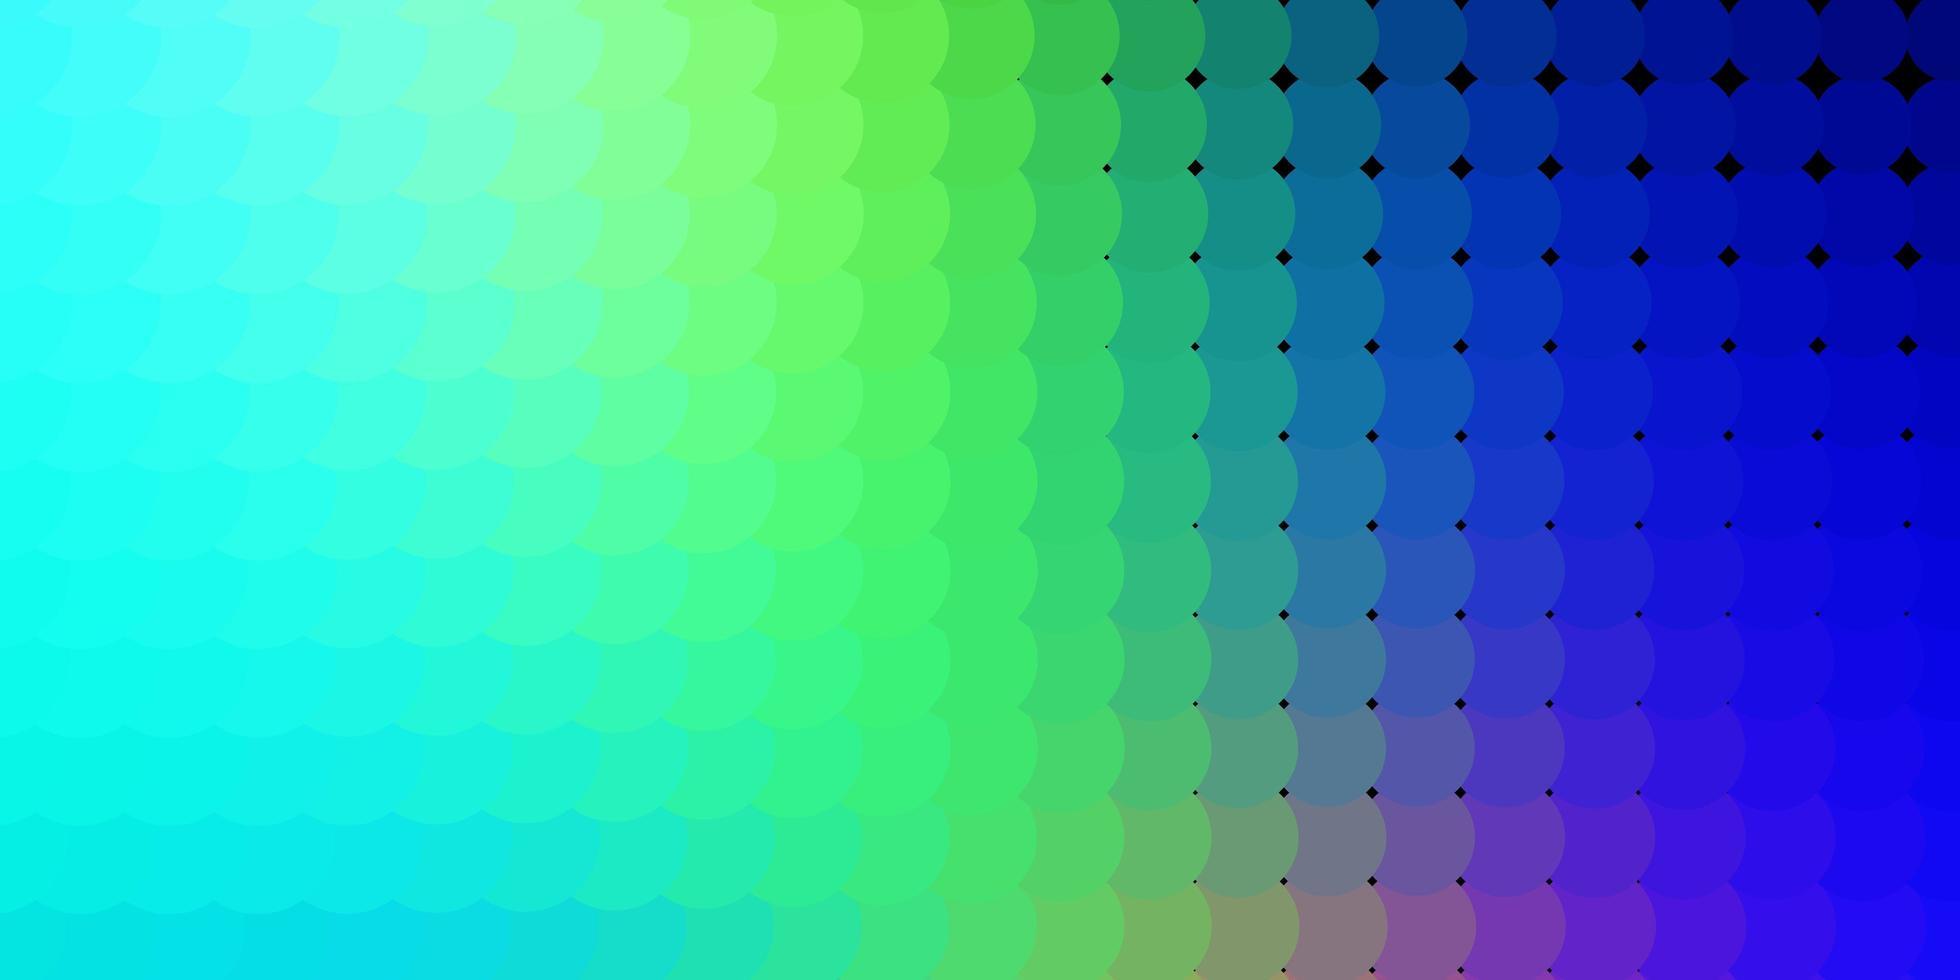 texture bleu clair et vert avec des cercles. vecteur